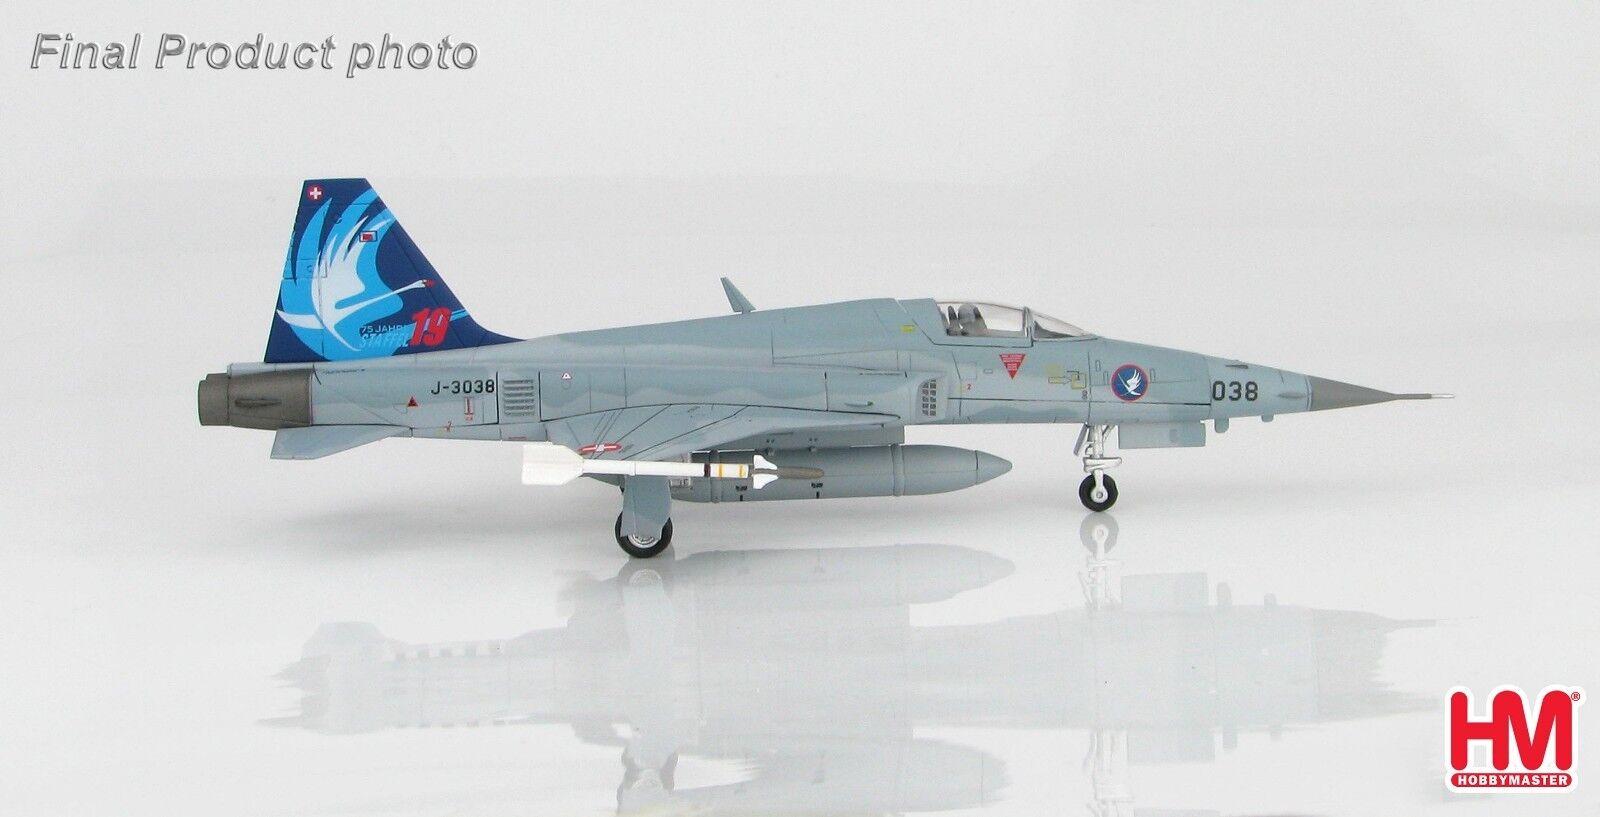 precioso Hobby Hobby Hobby Master HA3331, Northrop F-5E Tiger II J-3038, Staffel 19  75 Jahre , 2017  contador genuino